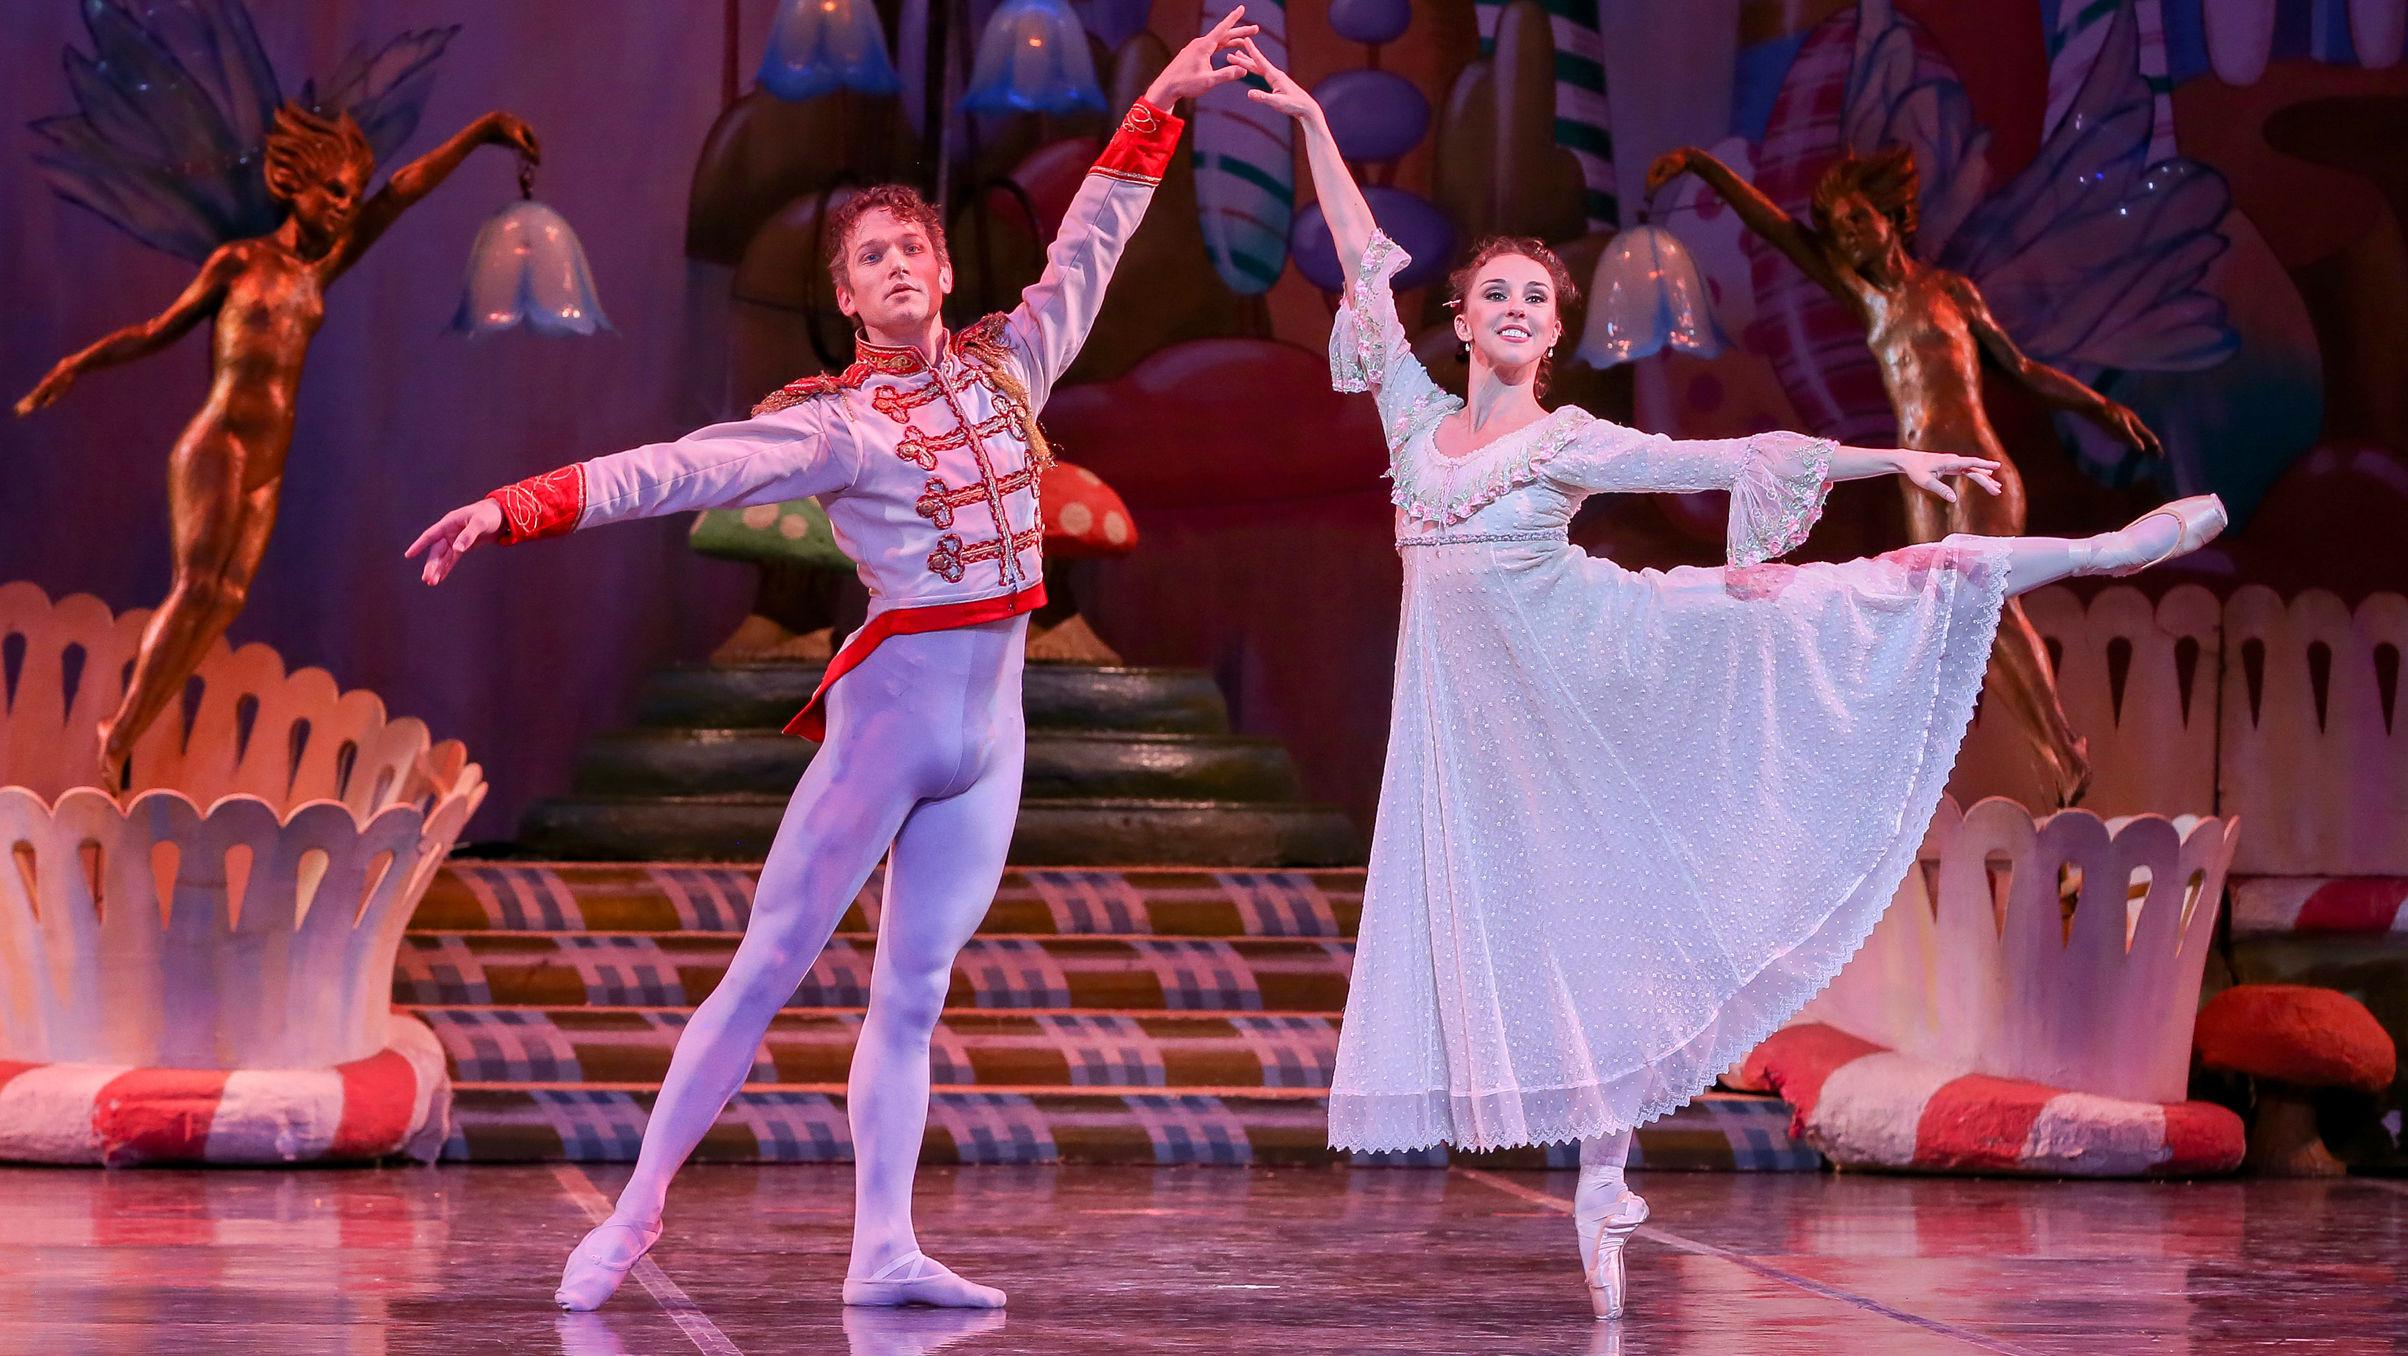 Photo: Colorado Ballet 'Nutcracker' pas de deux